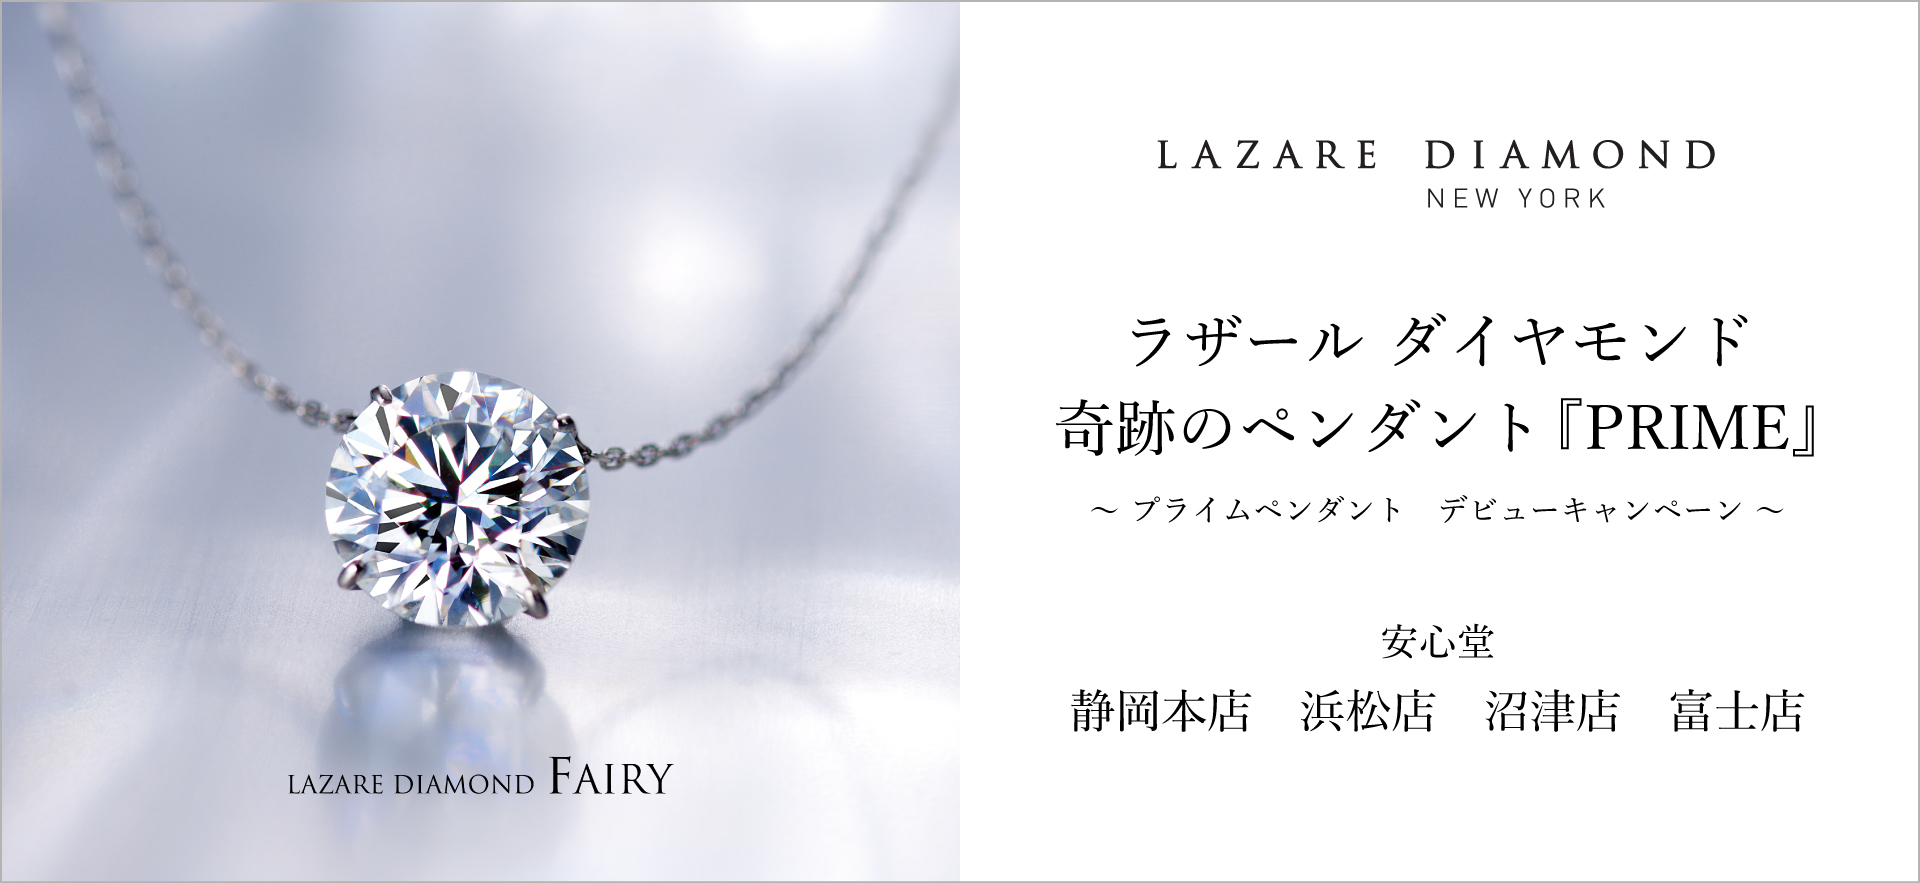 ラザールダイヤモンド 奇跡のペンダント『PRIME』~ プライムペンダント デビューキャンペーン ~